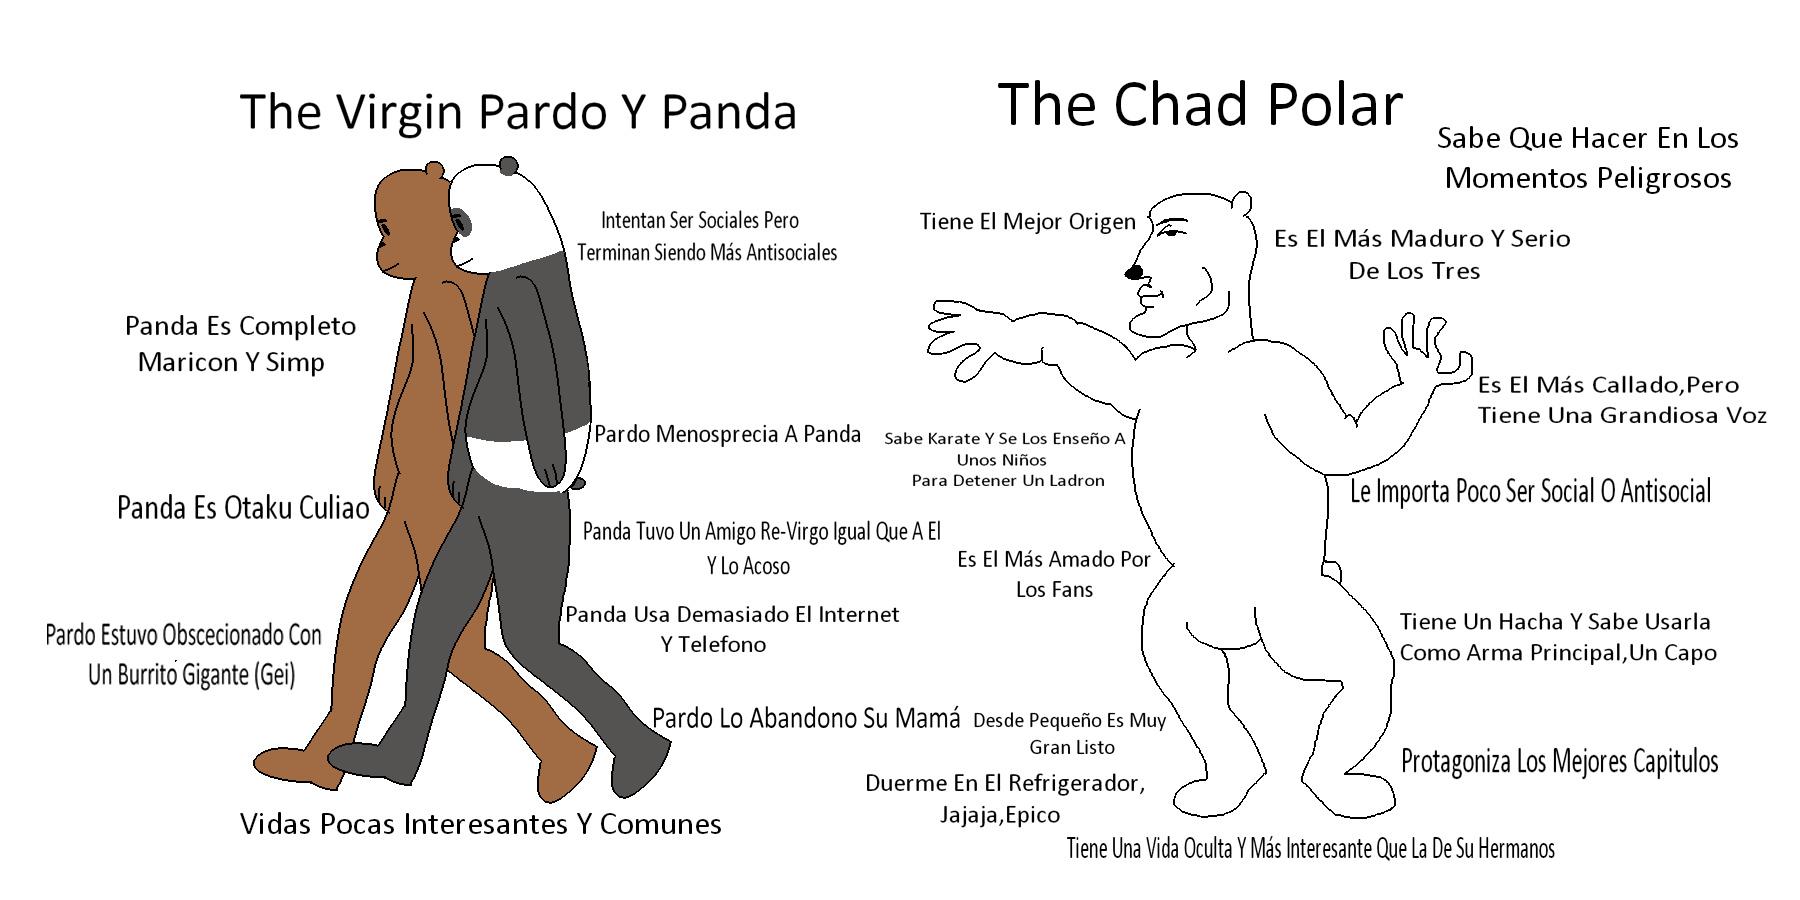 No Recuerdo Mucho Más Con Pardo Y Panda,Ya Que No He Visto La Serie En Un Largo Tiempo - meme